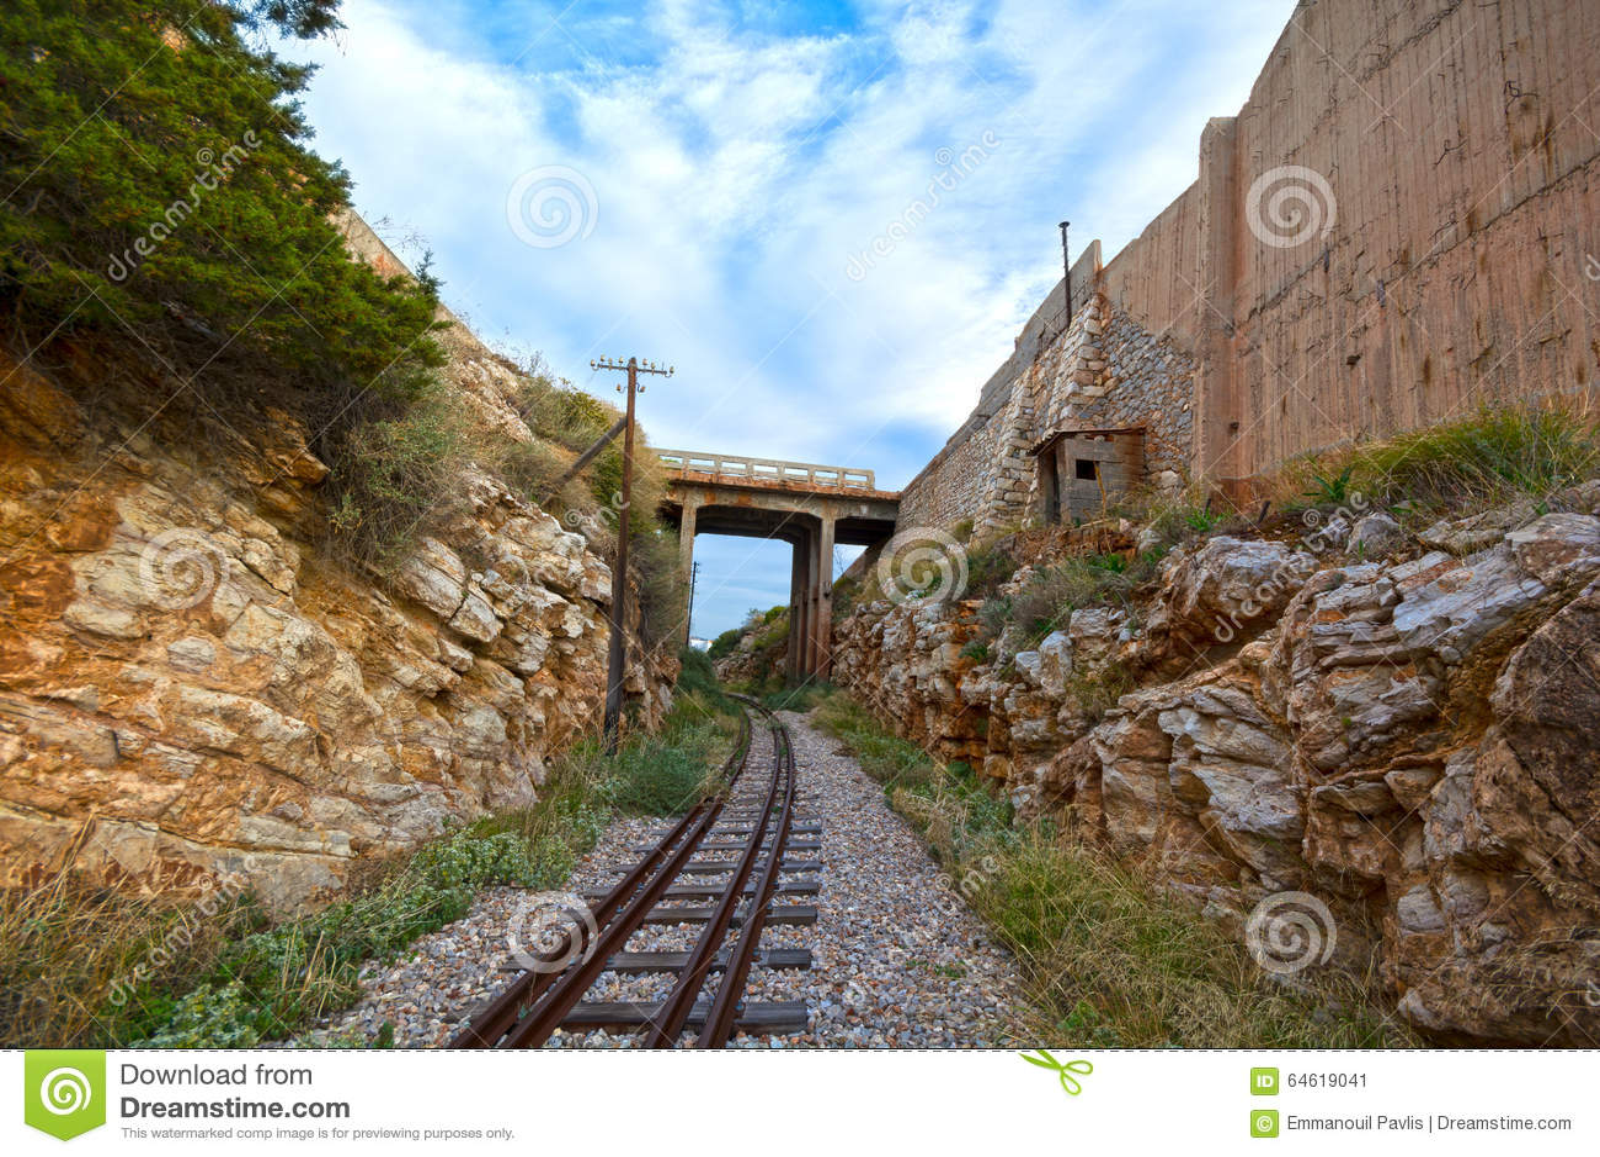 Train tracks and bridge